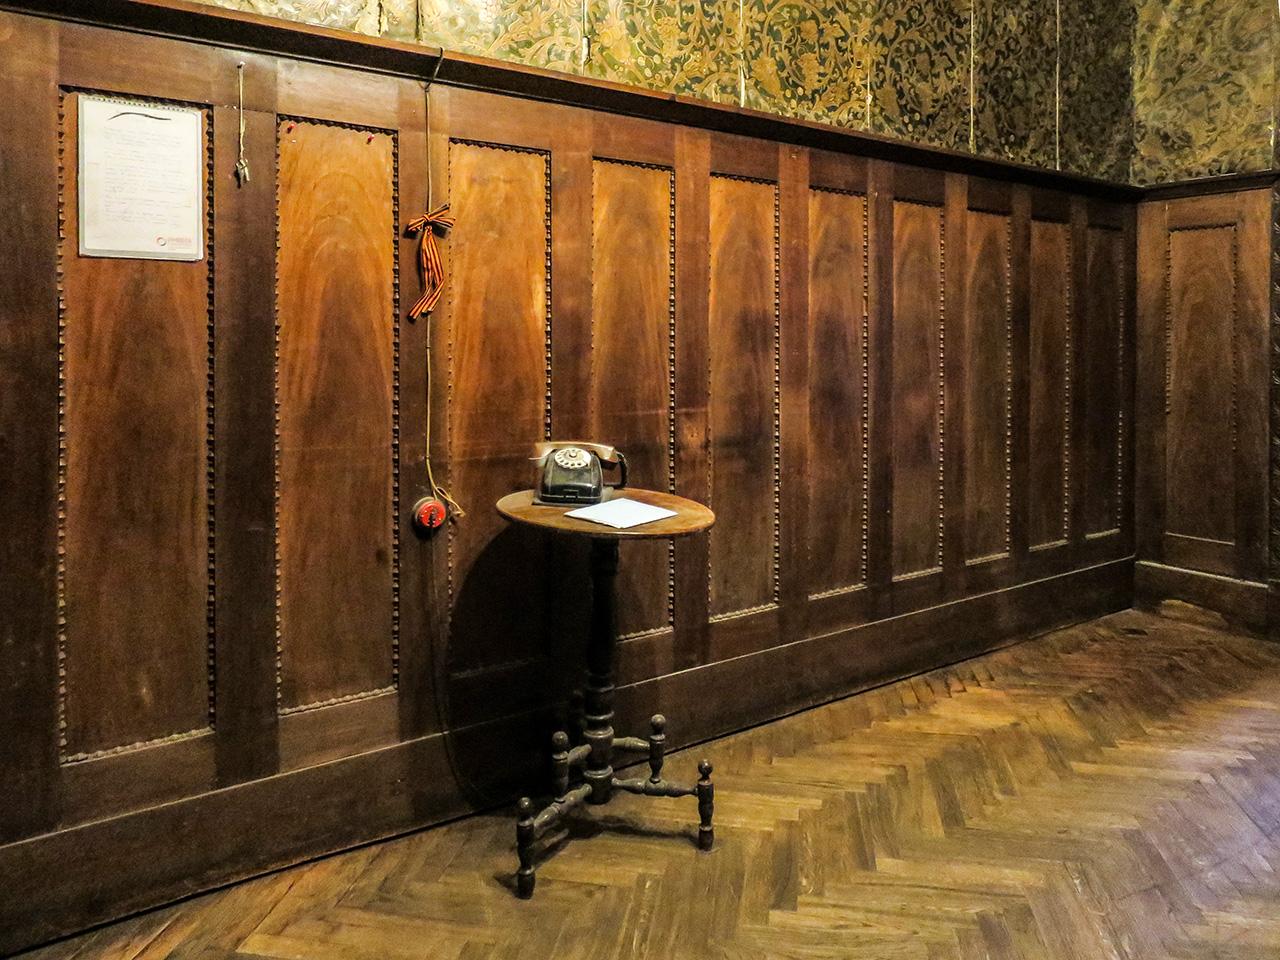 """Един от историческите елементи в този апартамент, оцелял през времето, е задната врата, която са използвали Распутин и убиецът му Феликс Юсупов. Преди век, в нощта на 30 декември 1916 г., те излезли през тази врата и тръгнали към двореца на Юсупов на р. Мойка. Няколко часа по-късно Распутин е убит.След революцията петстайният апартамент на Распутин е превърнат в комуналка, която в момента е почти изцяло населена от хора. Според Максим последният ѝ жител си купил стая тук именно заради връзката с Распутин. Той е художник и рисува портрети на лудия монах в апартамента.""""Комуналките създават определена психология. Не са редки случаите, в които хората отказват да се изнесат, защото се нуждаят от компанията и общуването, съпътстващи живота на подобно място; нуждаят се дори от враждите и адреналина"""", казва исторкикът Юрий Кружнов. """"Но днес повечето жители имат отрицателно отношение към комуналките""""."""